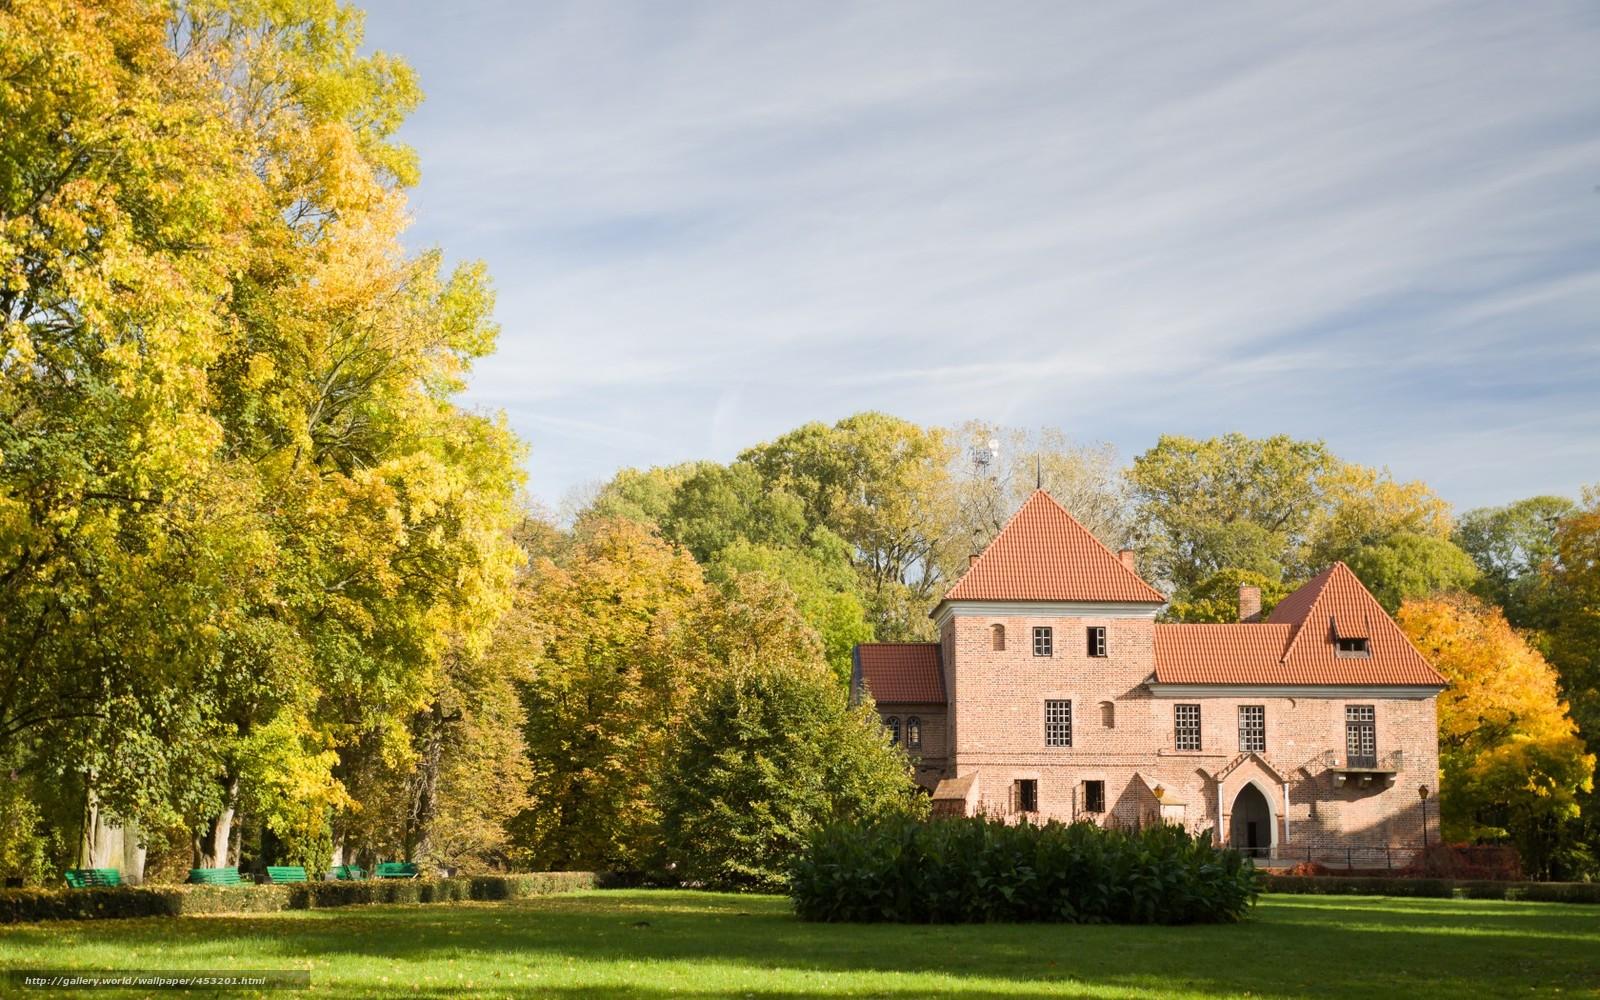 下载壁纸 Kutno,  波兰,  城堡,  建筑 免费为您的桌面分辨率的壁纸 1680x1050 — 图片 №453201